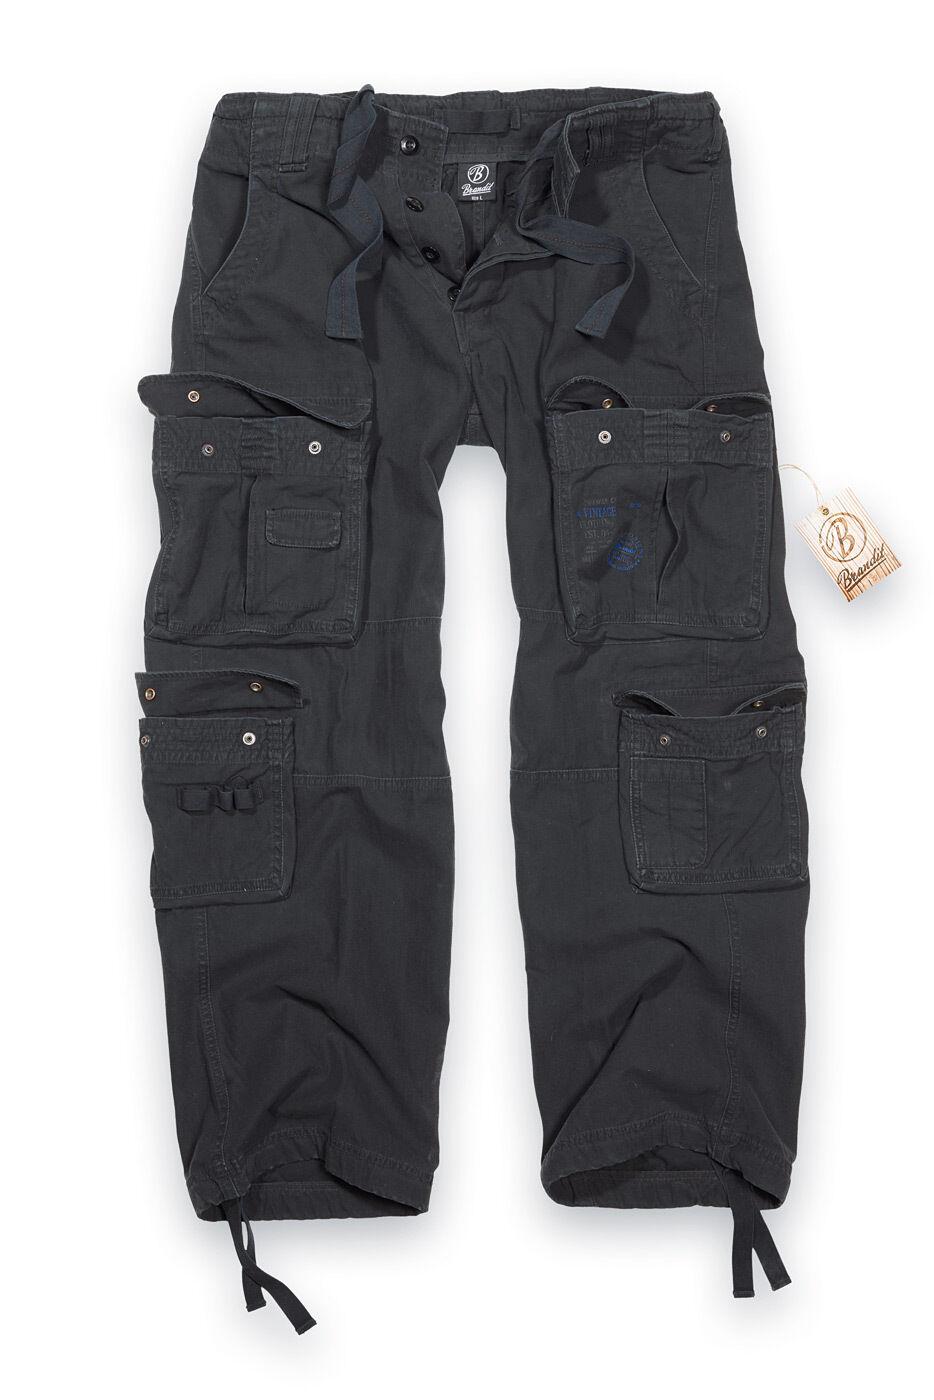 Brandit Pure  Vintage Pantalones De Combate Para Hombre Pantalones tipo Cochego de Tamaño Grande Negro 4-7XL  están haciendo actividades de descuento